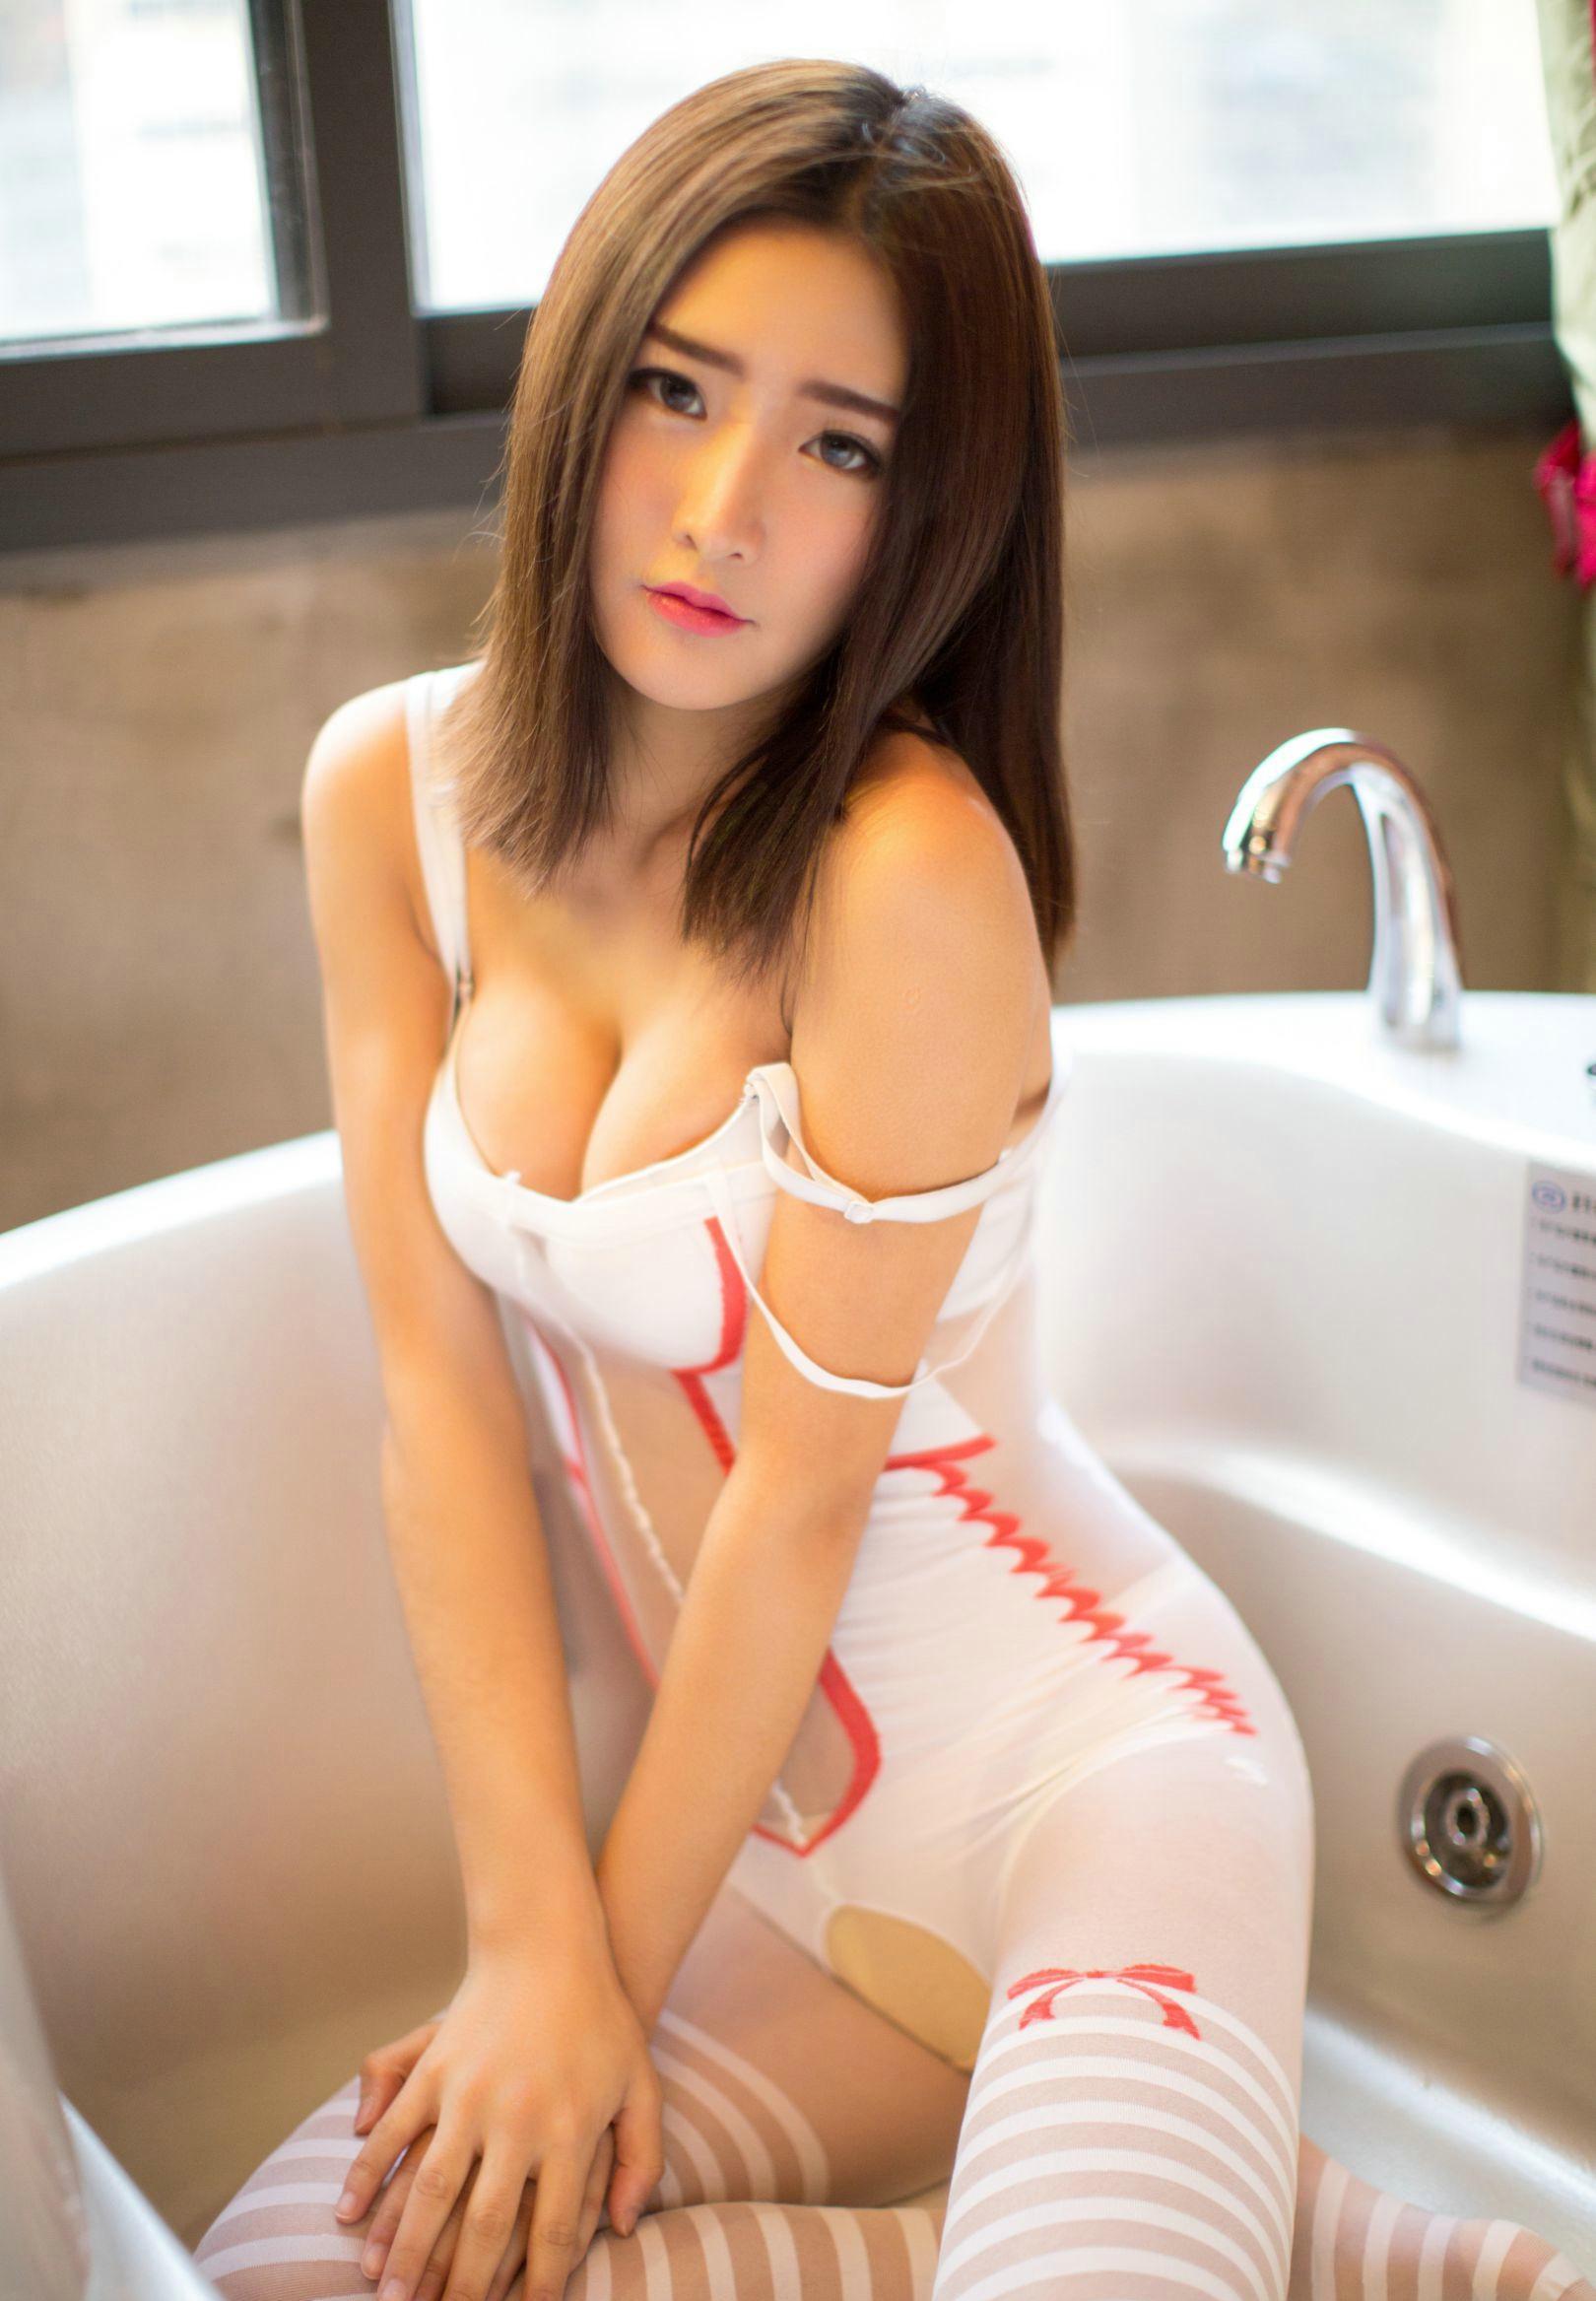 爆草大奶大穴美女_性感大胸美女周琰琳lin爆乳大奶诱惑人体艺